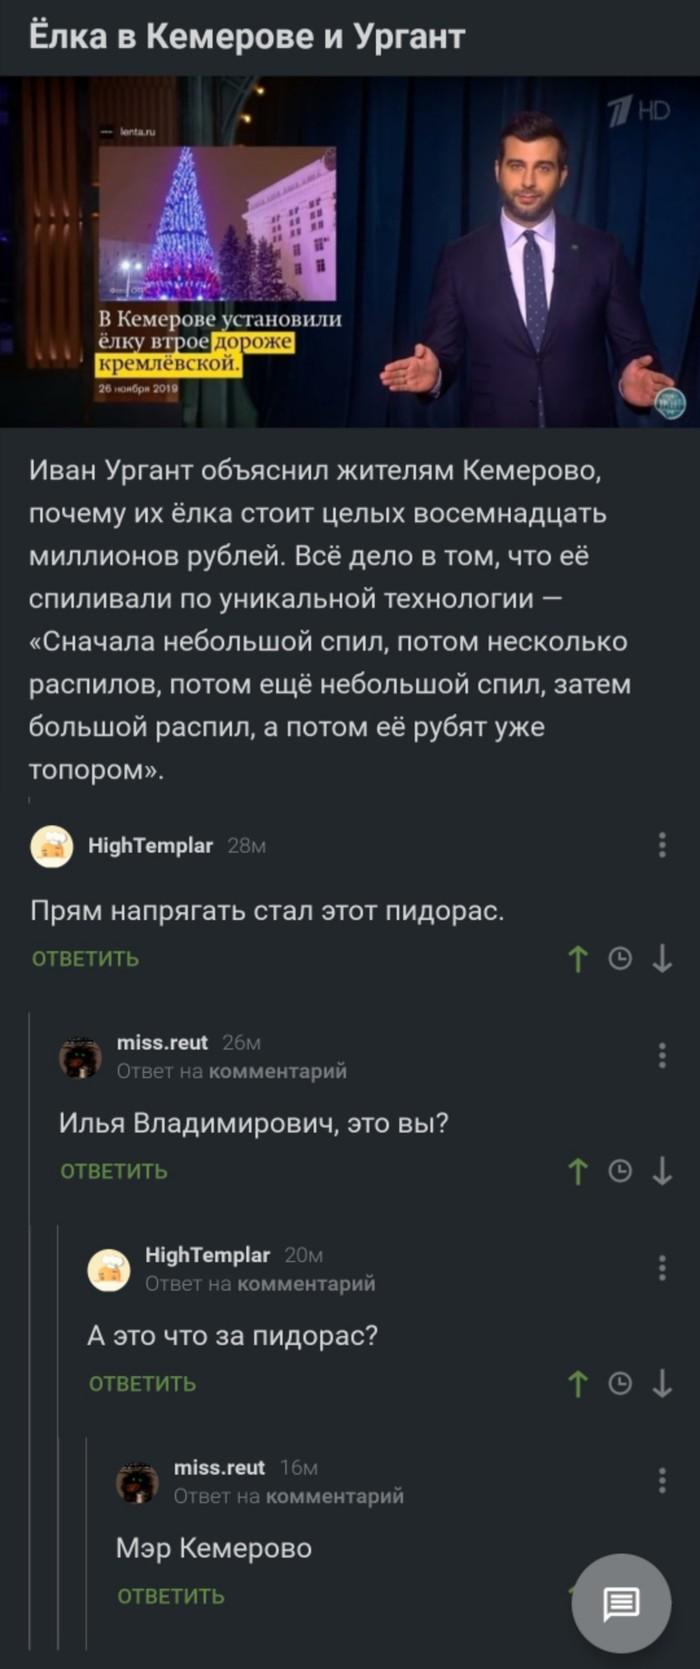 Мэр Кемерово про Урганта Распил бюджета, Скриншот, Длиннопост